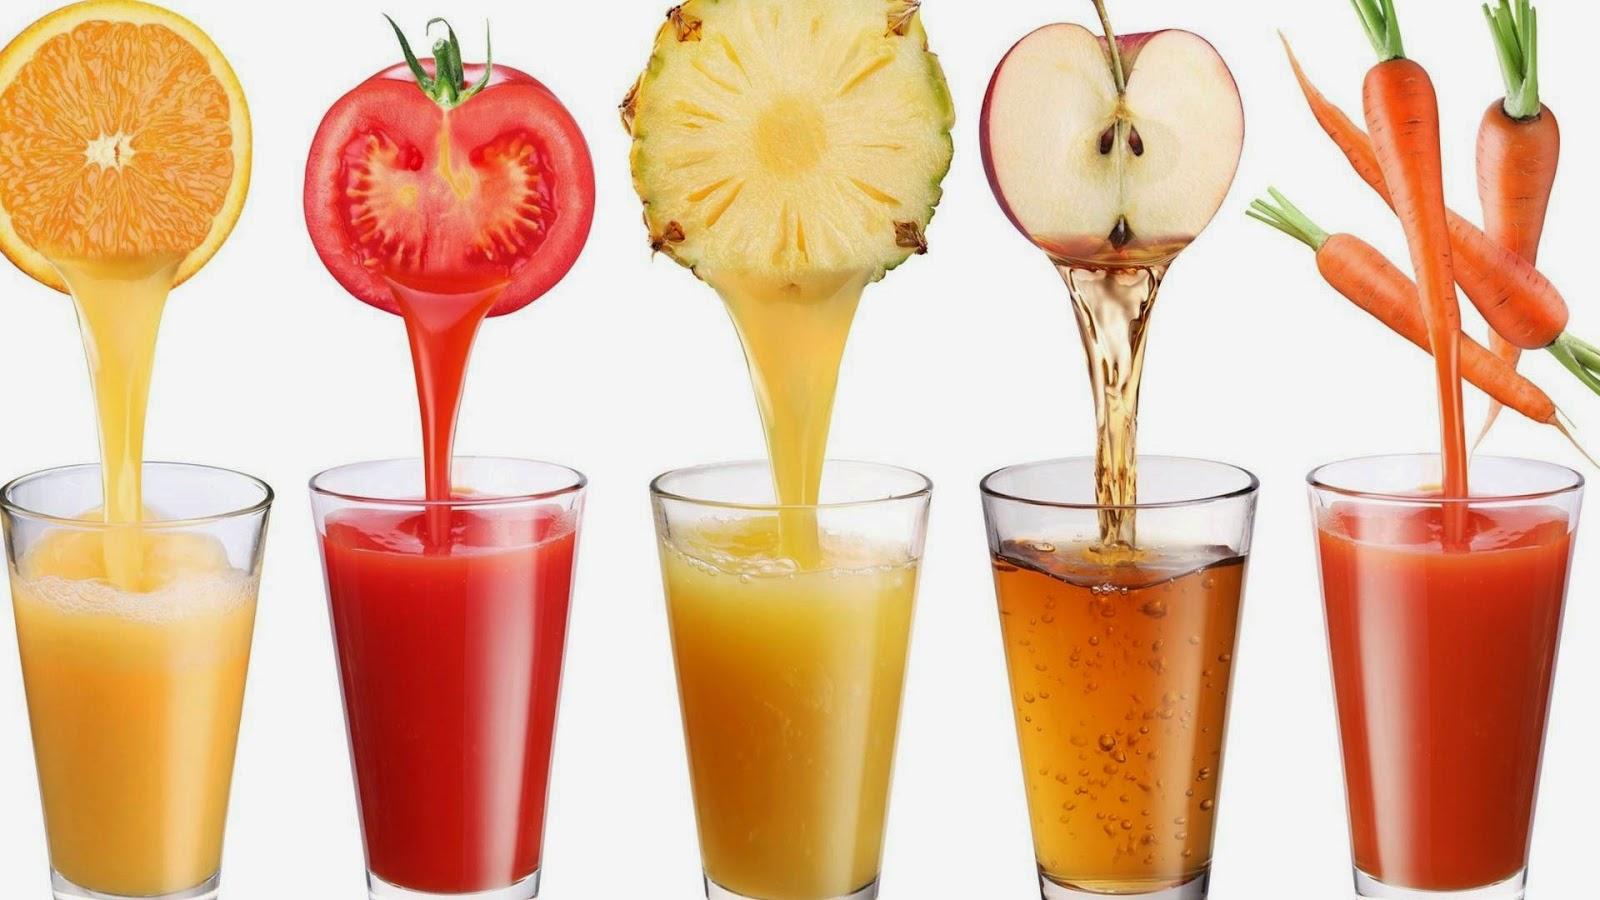 jugos de frutas naturales para adelgazar